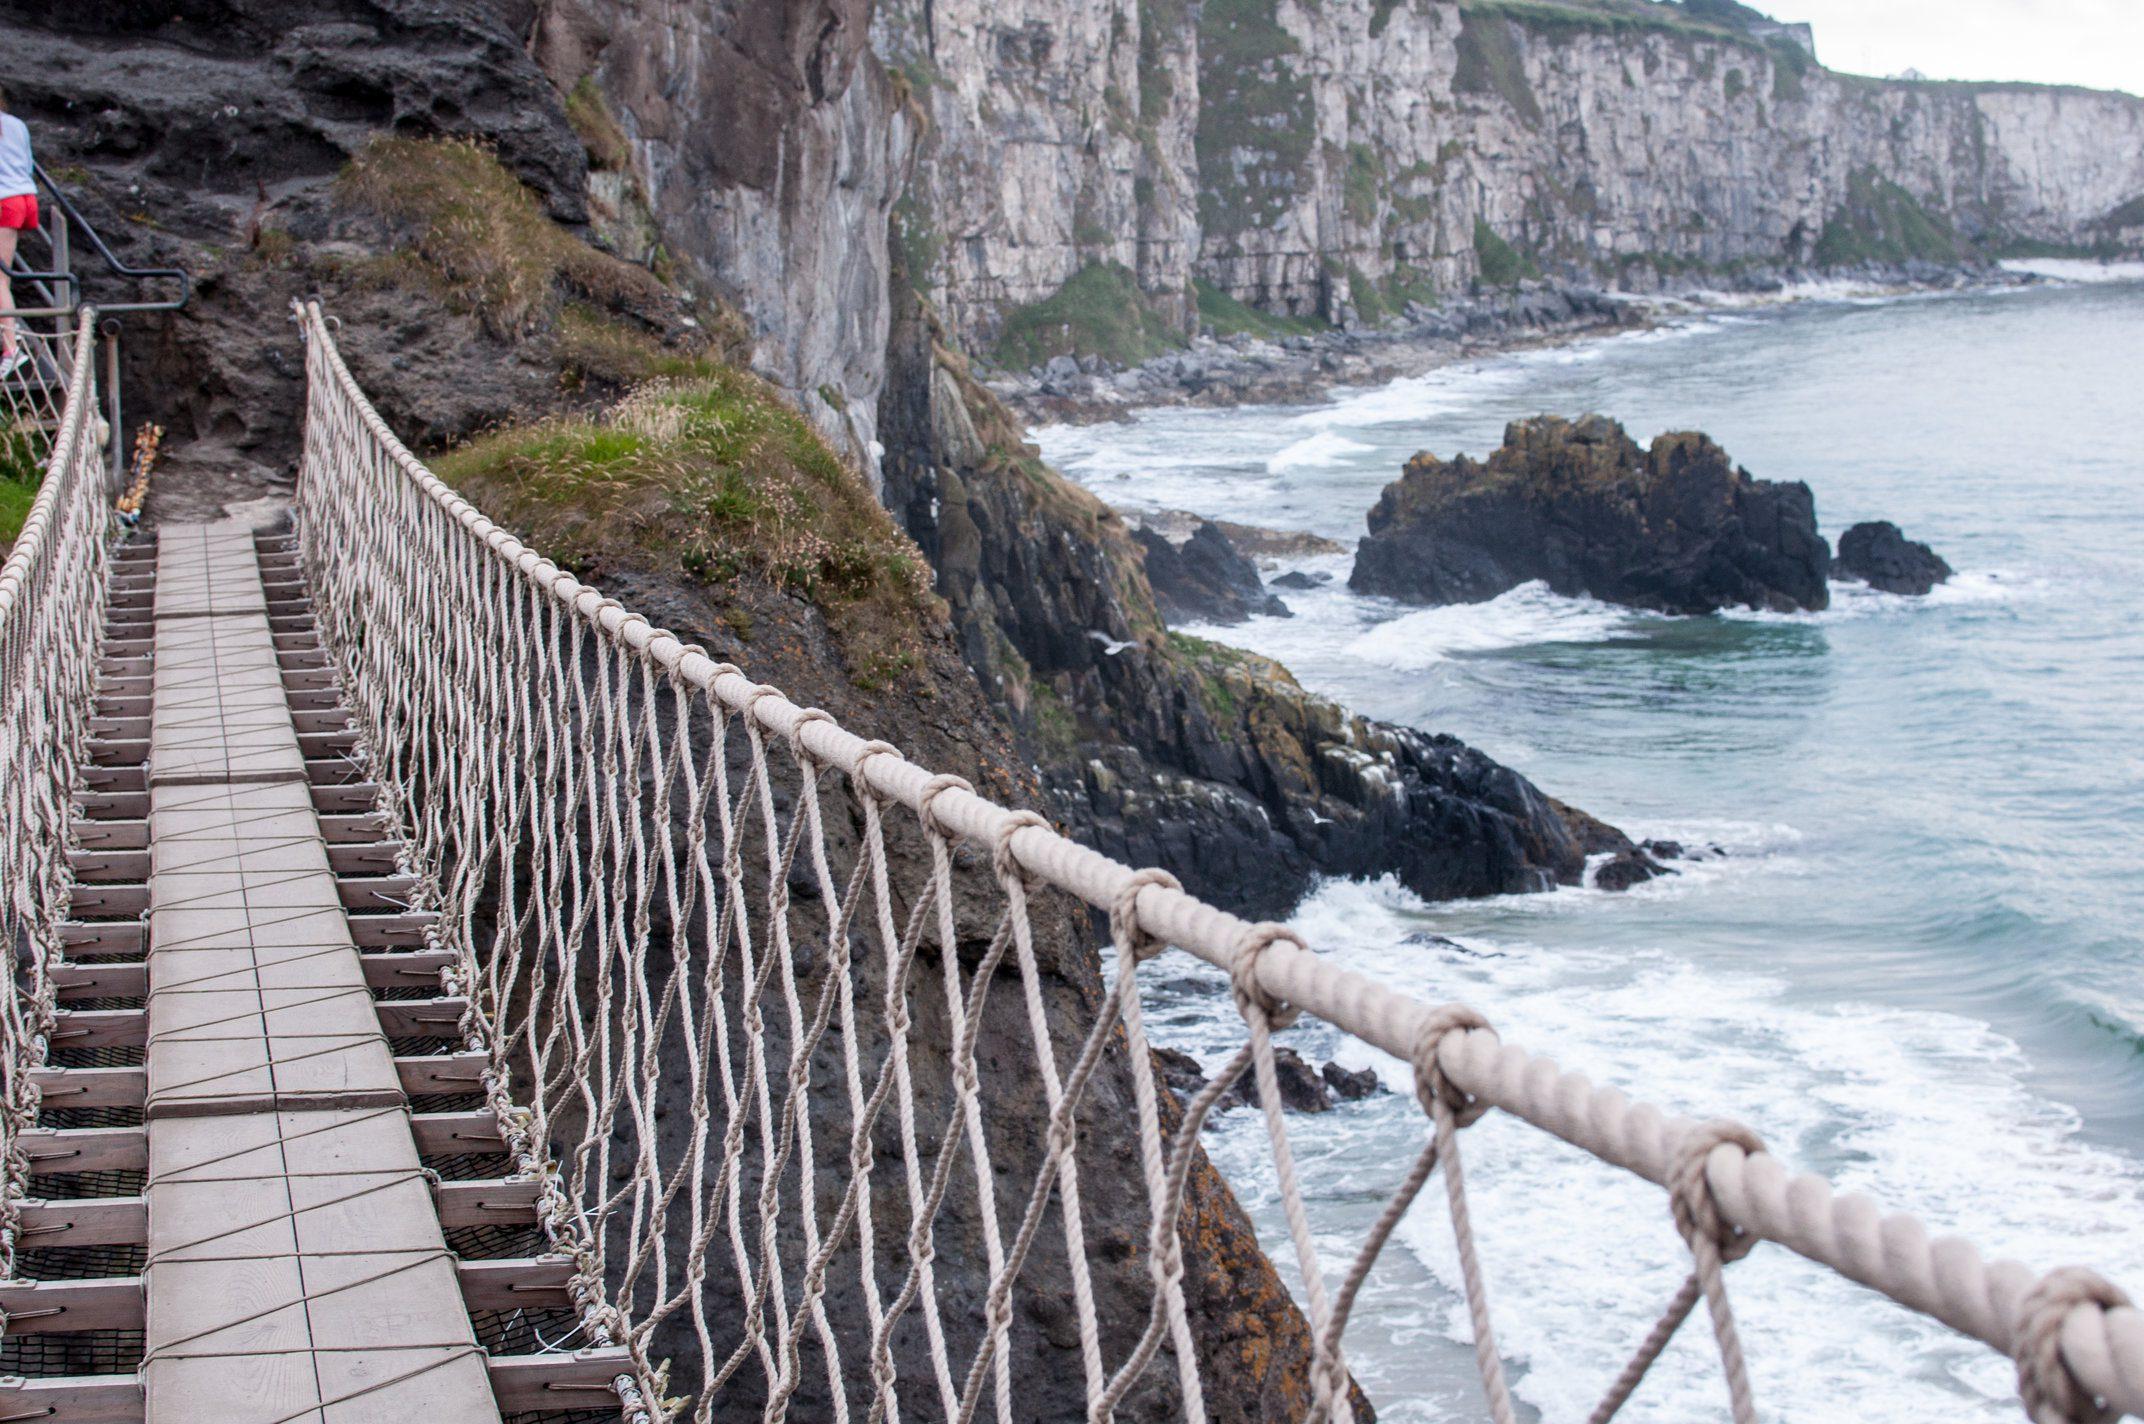 Carrick-a-rede bridge